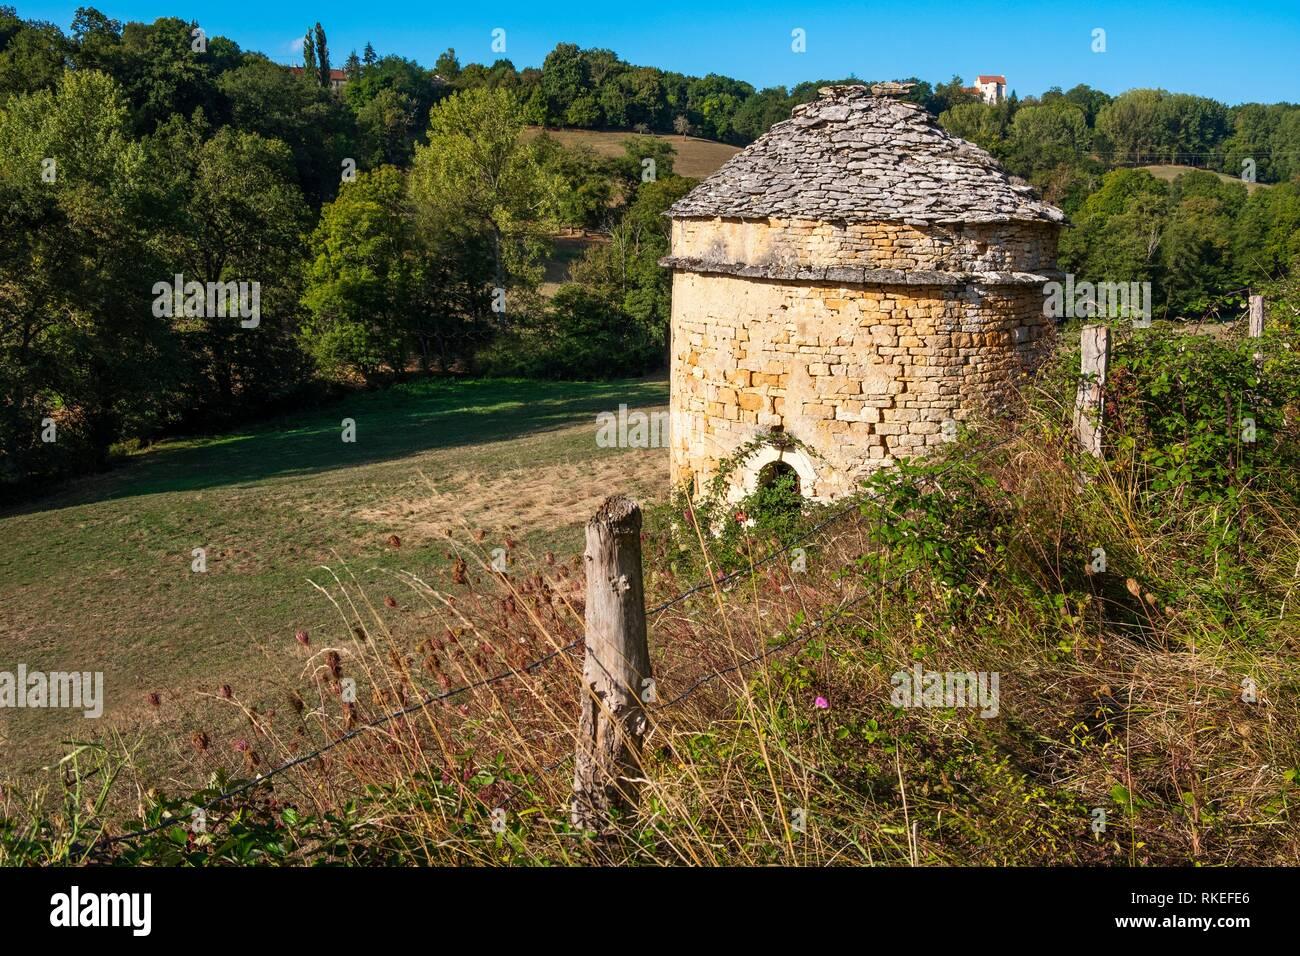 La France, l'Occitanie, Aveyron, 13e siècle.Maison en pierre, à Saint Remy. Photo Stock